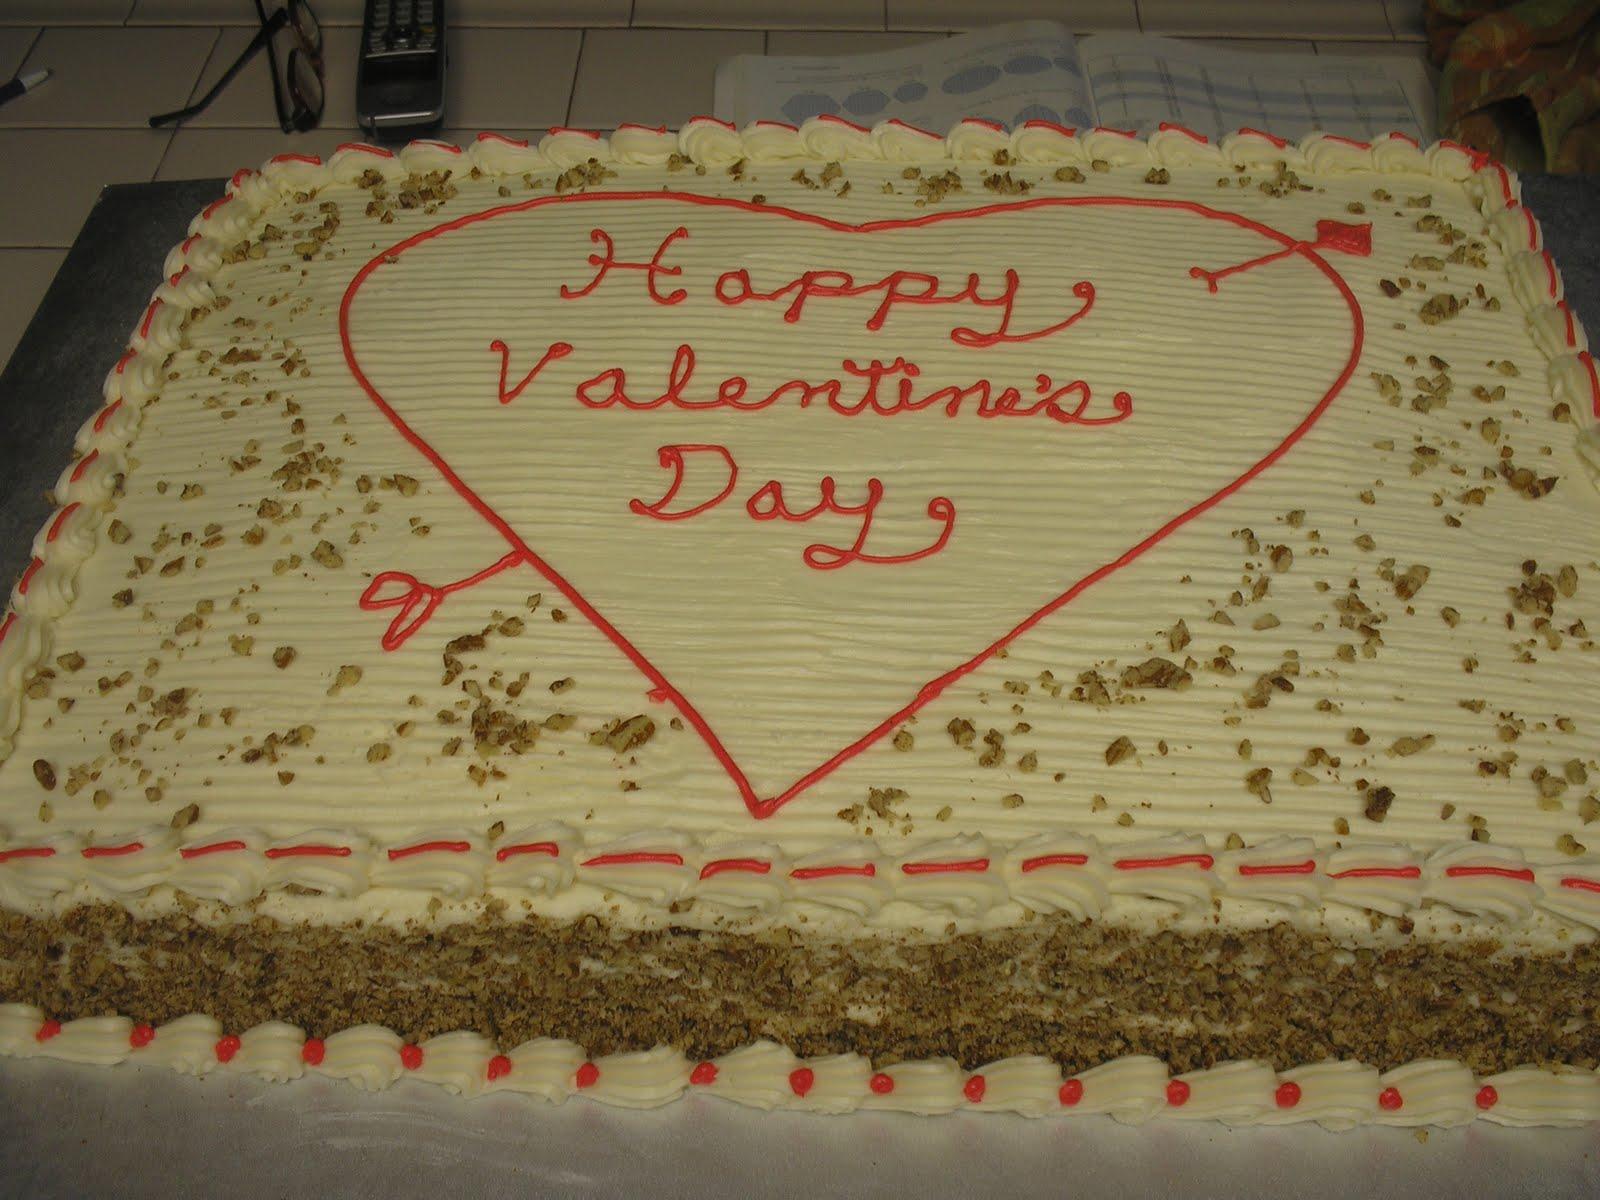 Billy's Piece Of Cake: Red Velvet Sheet Cake